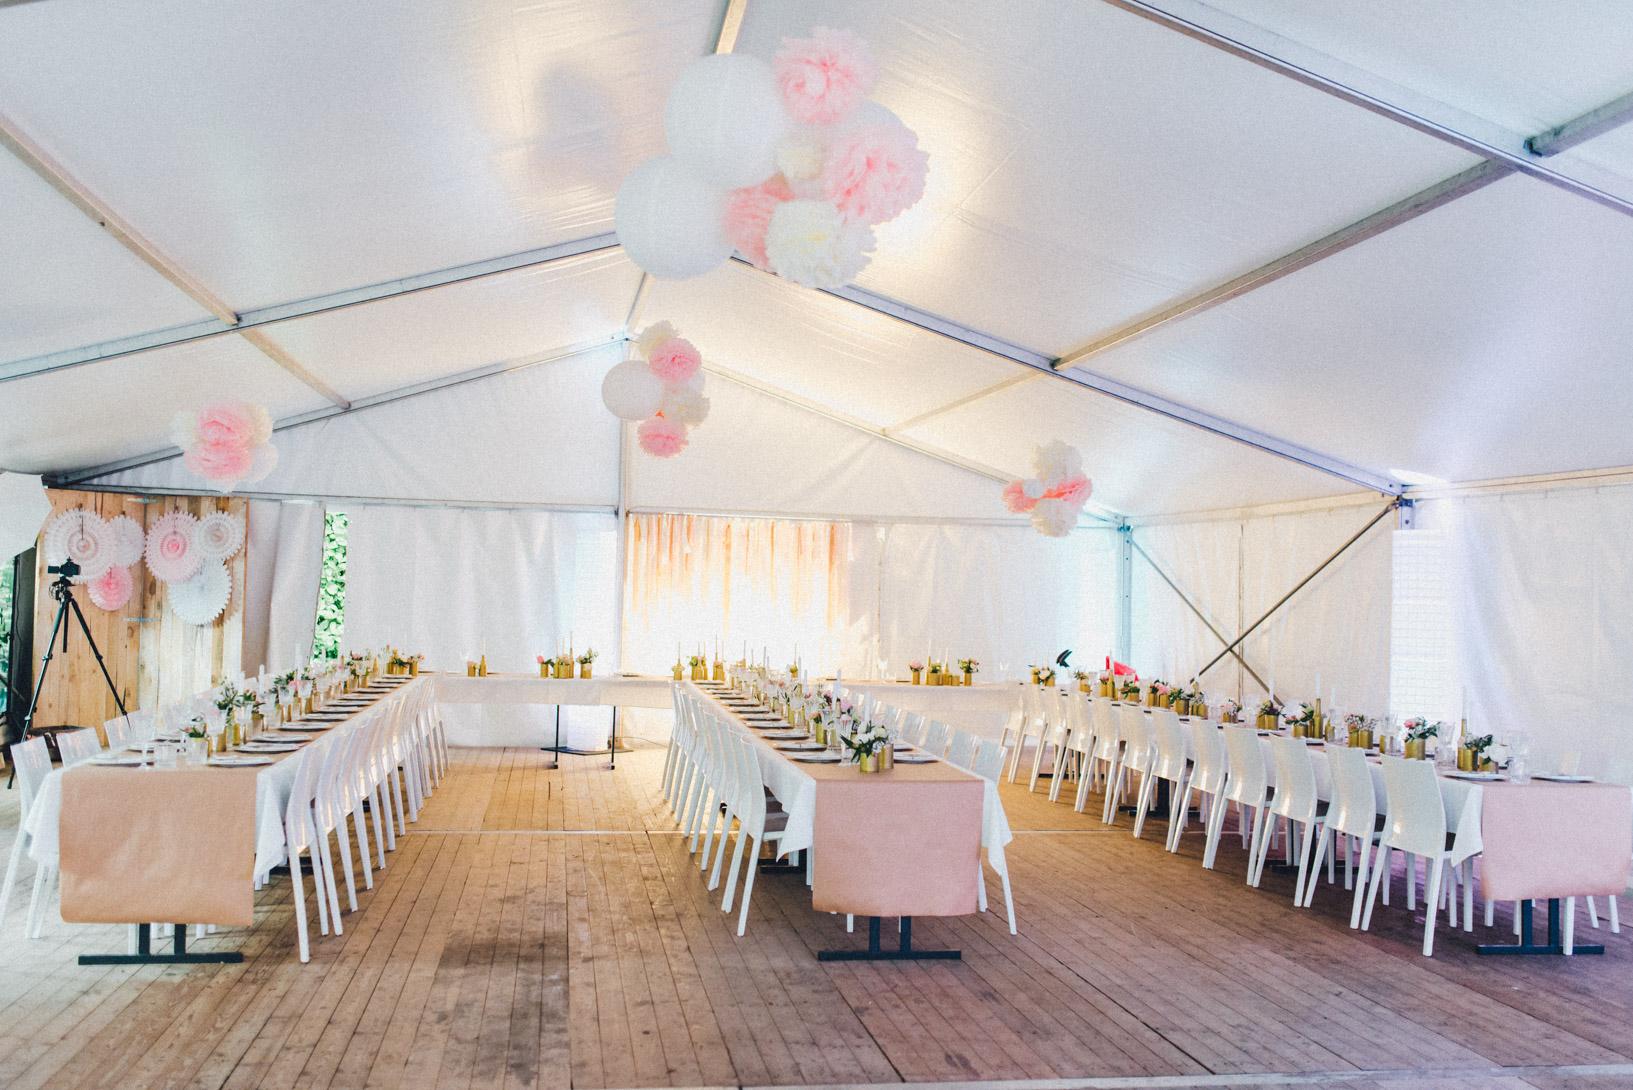 DIY-Hochzeit-gold-VW-Bully-39 Janet & Pierre DIY Midsummer-Wedding in Gold mit VW BulliDIY Hochzeit gold VW Bully 39